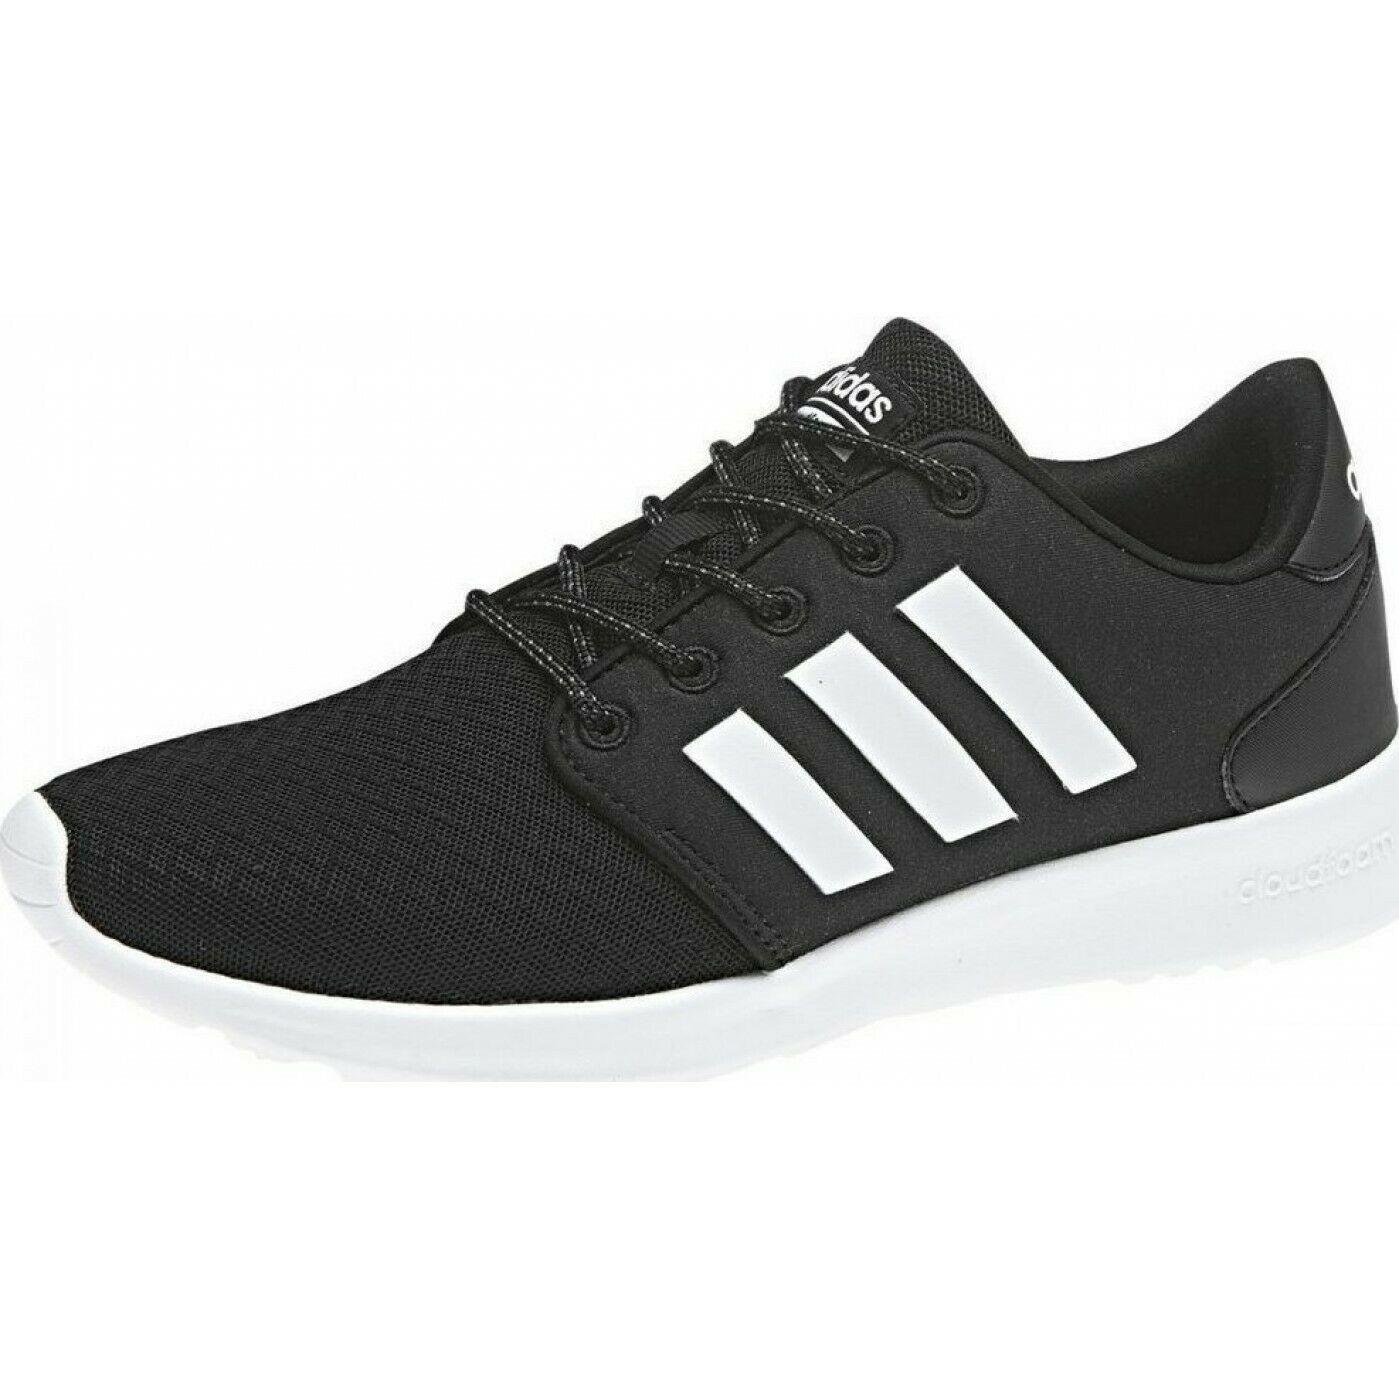 נעלי אדידס ספורט נשים Adidas Cloudfoam Qt Racer - תמונה 2